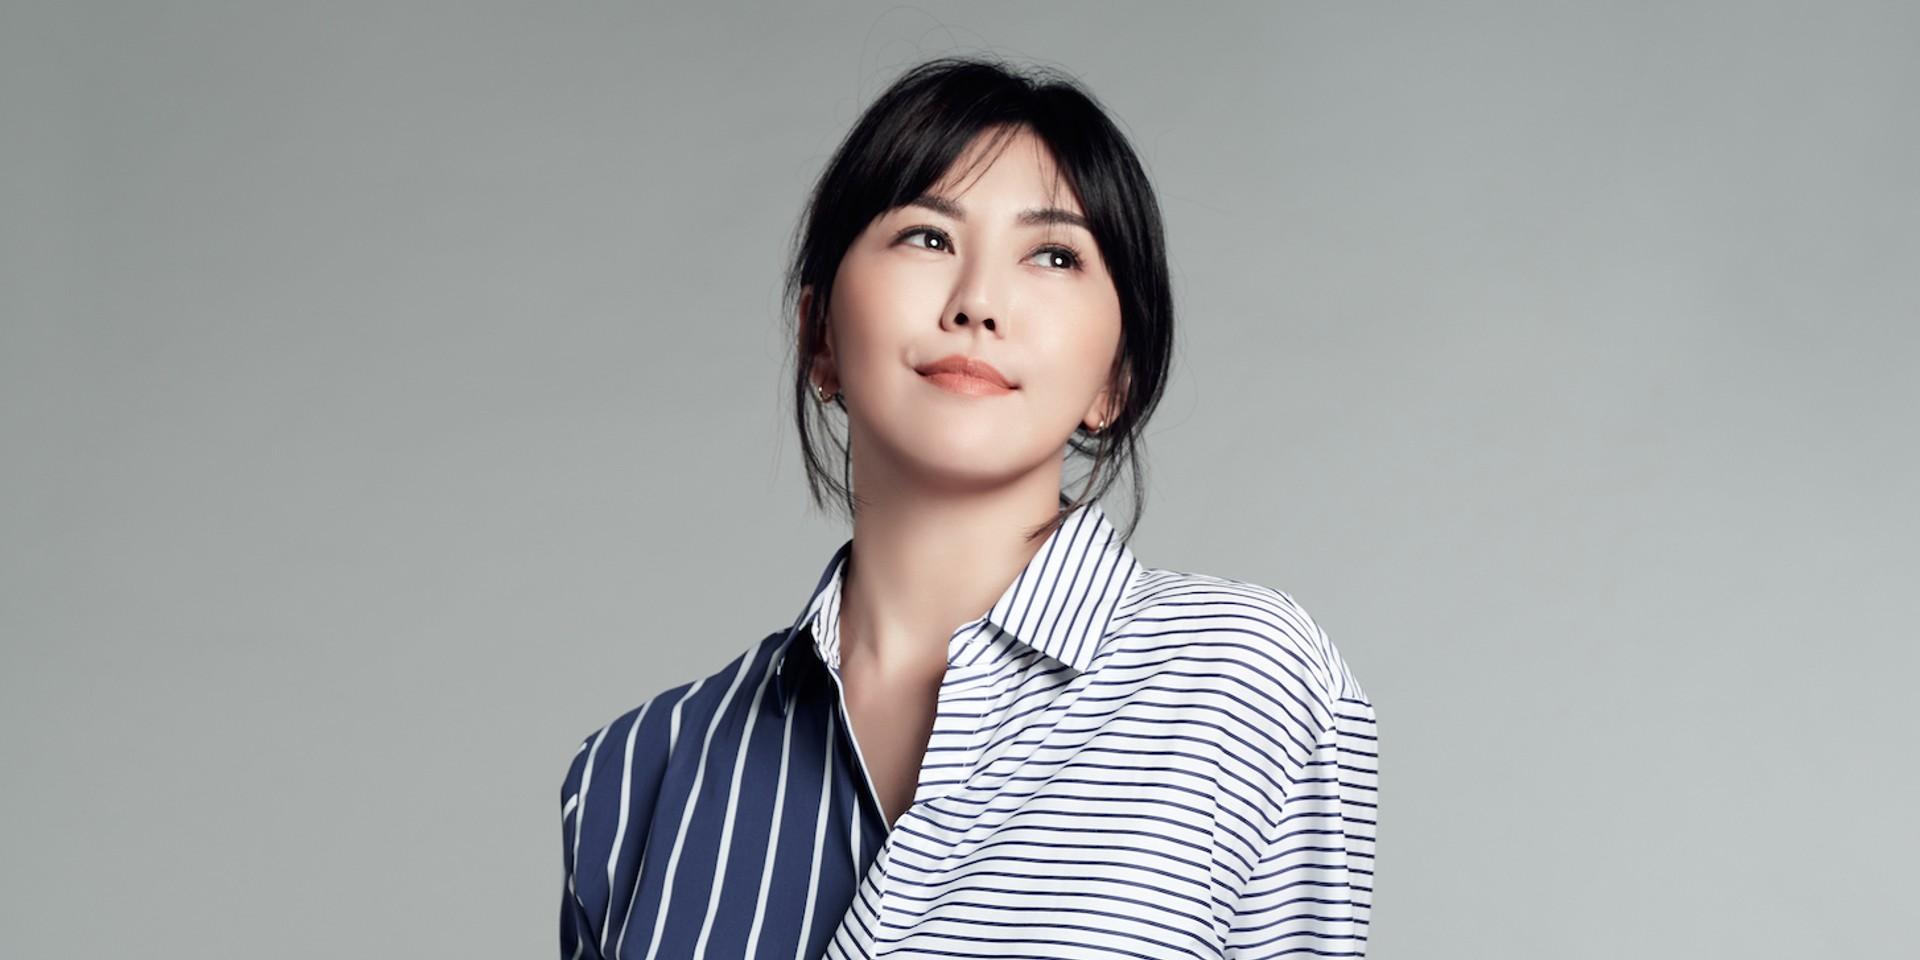 孙燕姿签约CAA中国 与知名国籍歌手成同门